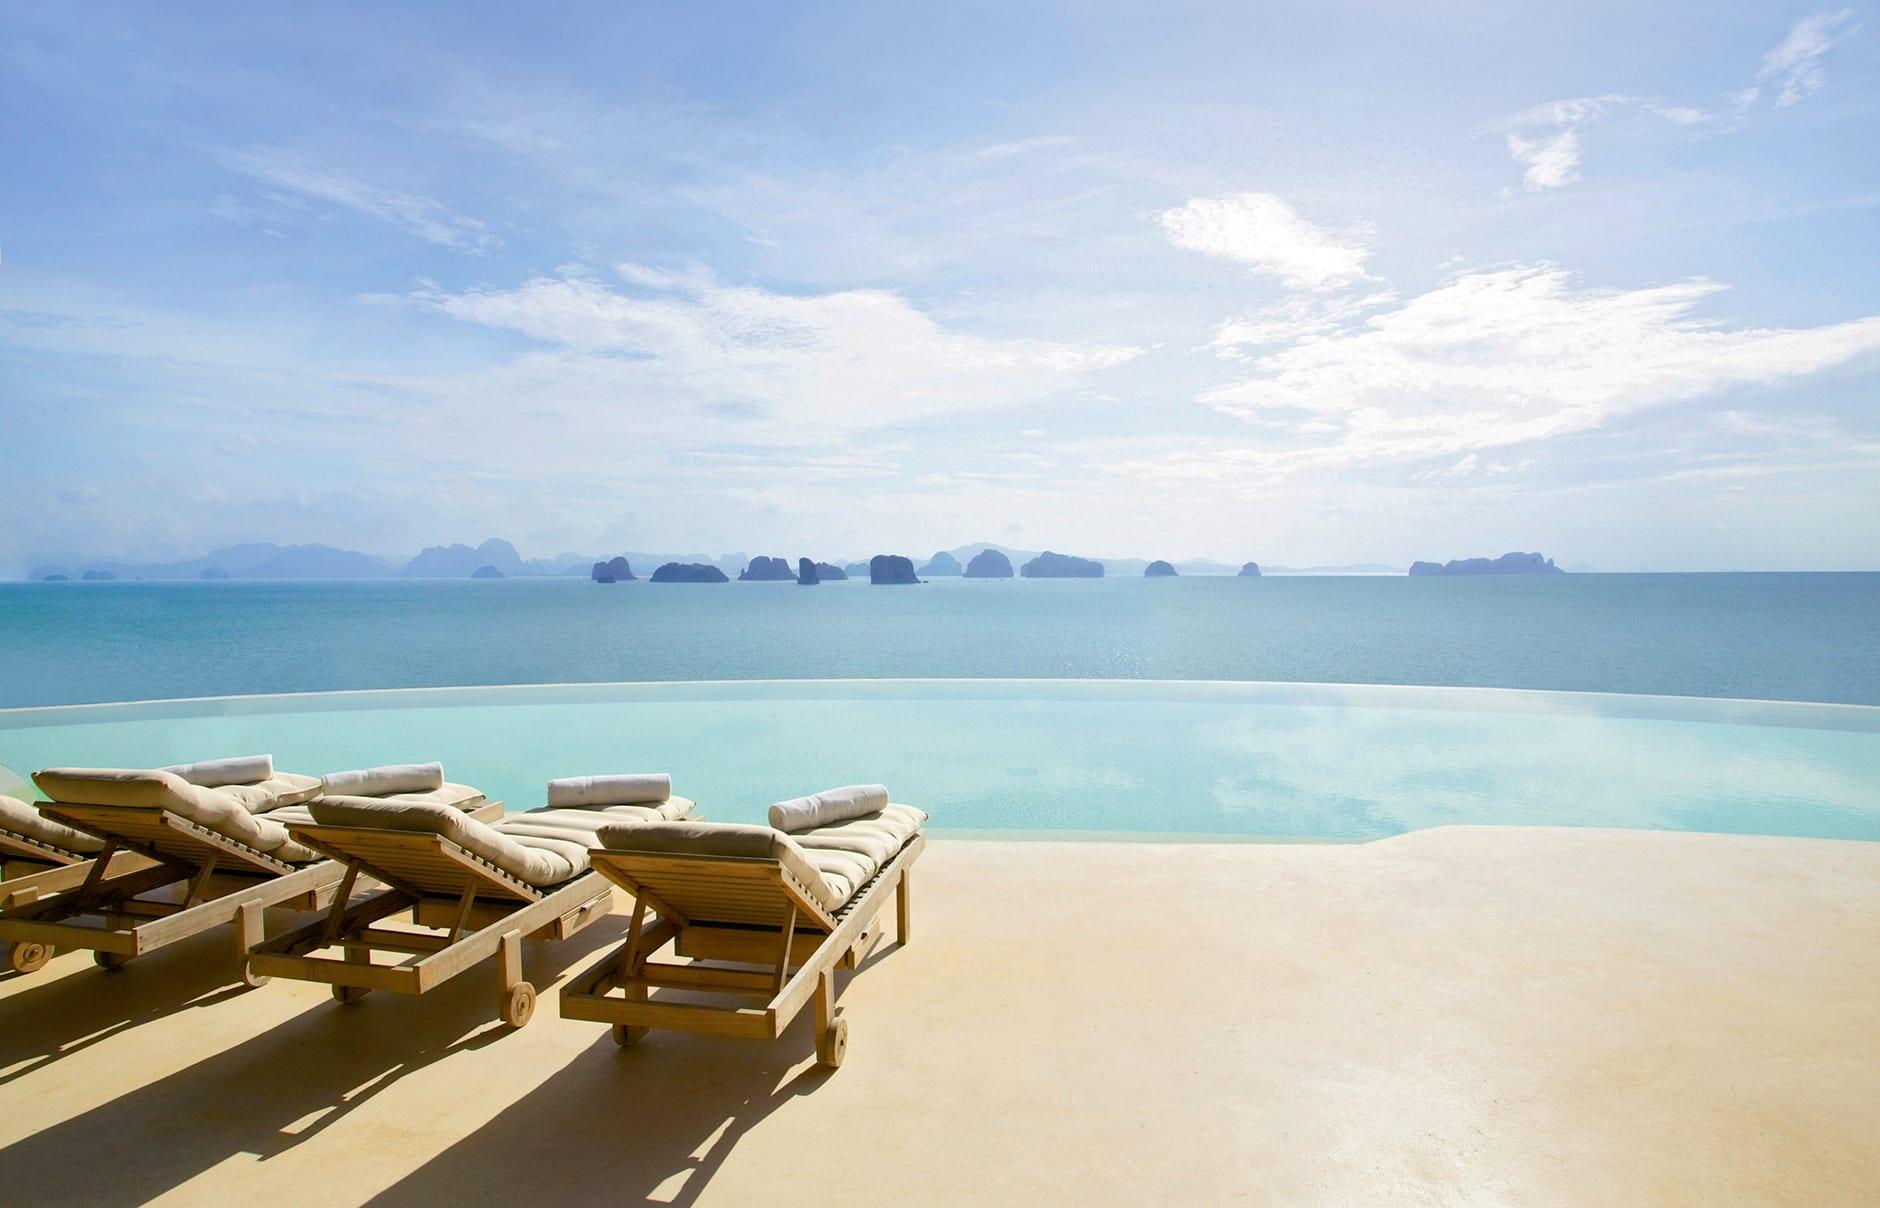 Hilltop Reserve. Six Senses Yao Noi Beyond Phuket, Thailand. © Six Senses Hotels Resorts Spas